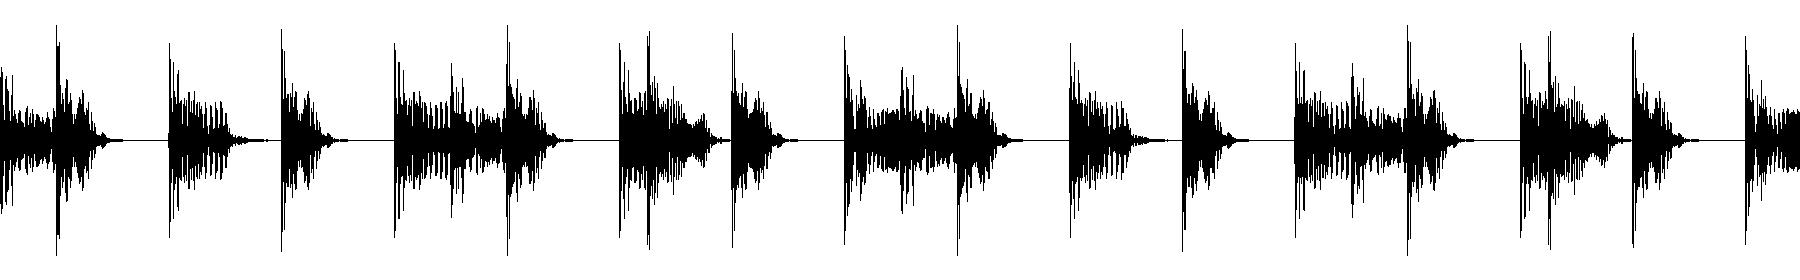 pth bass 04